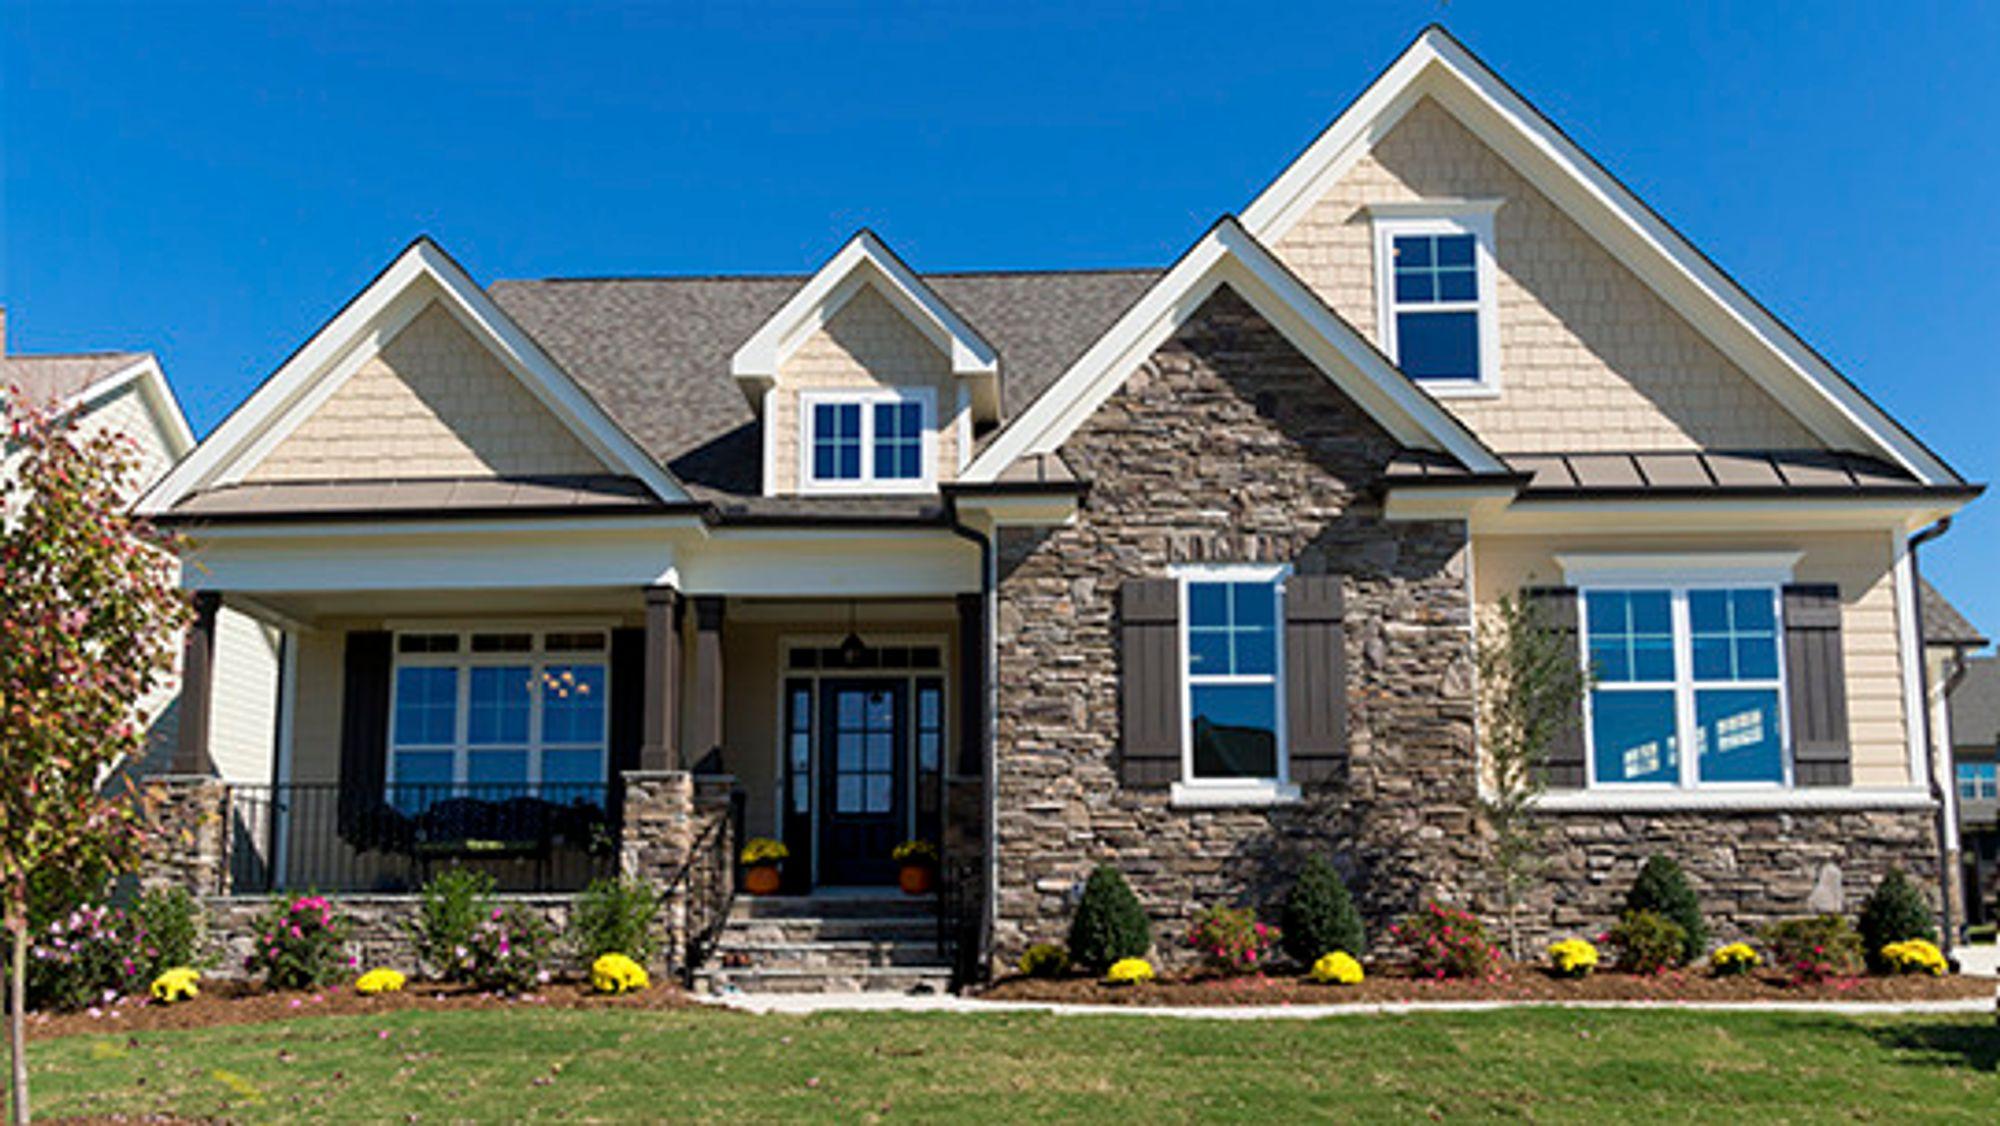 Det som skjer innenfor husets fire vegger er i utgangspunktet en privatsak.